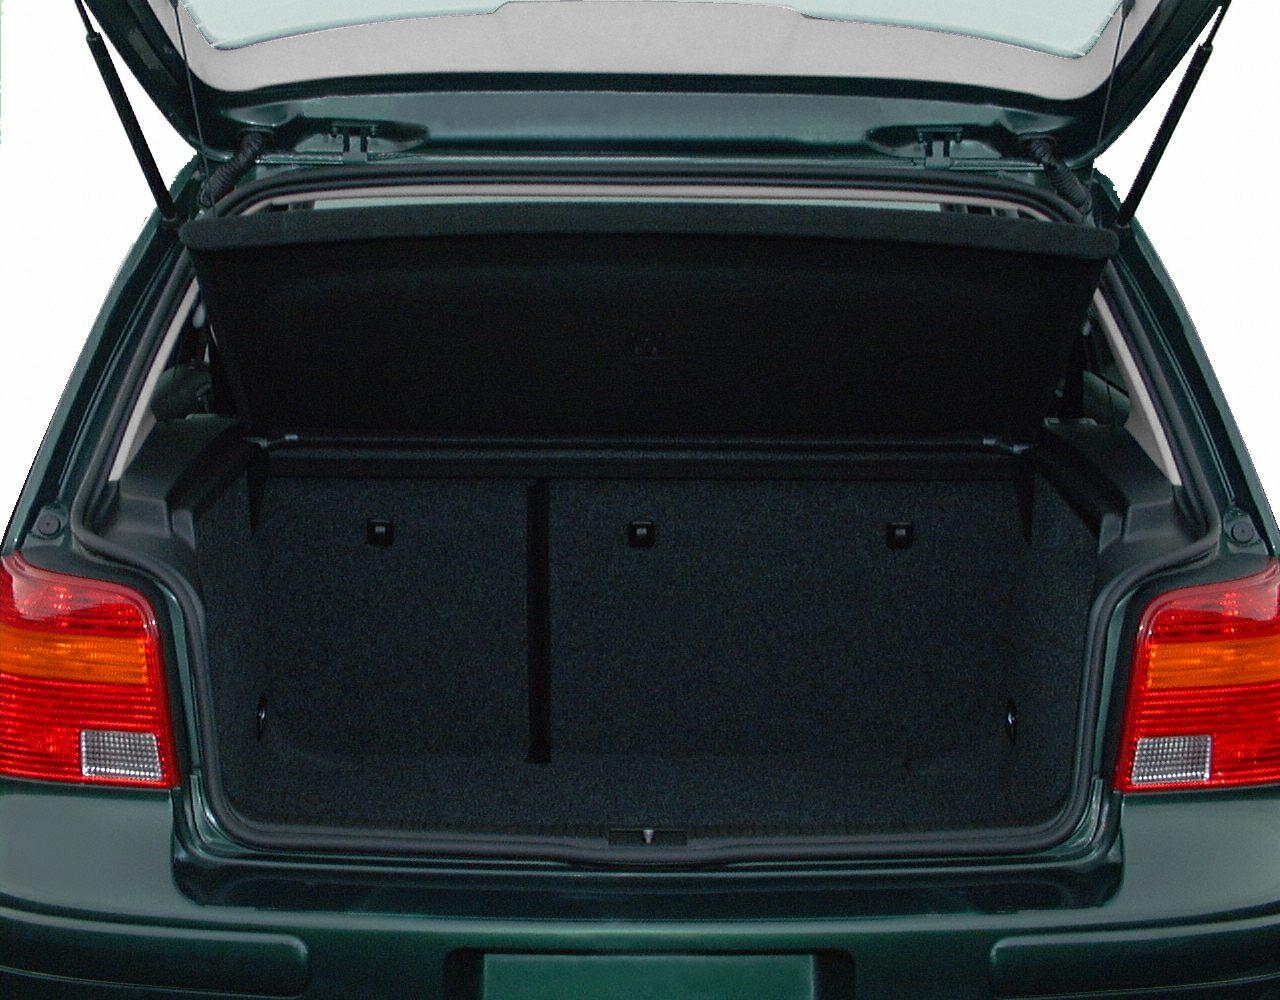 2000 Volkswagen Golf GLS 1.8L Turbo 4dr Hatchback Pictures